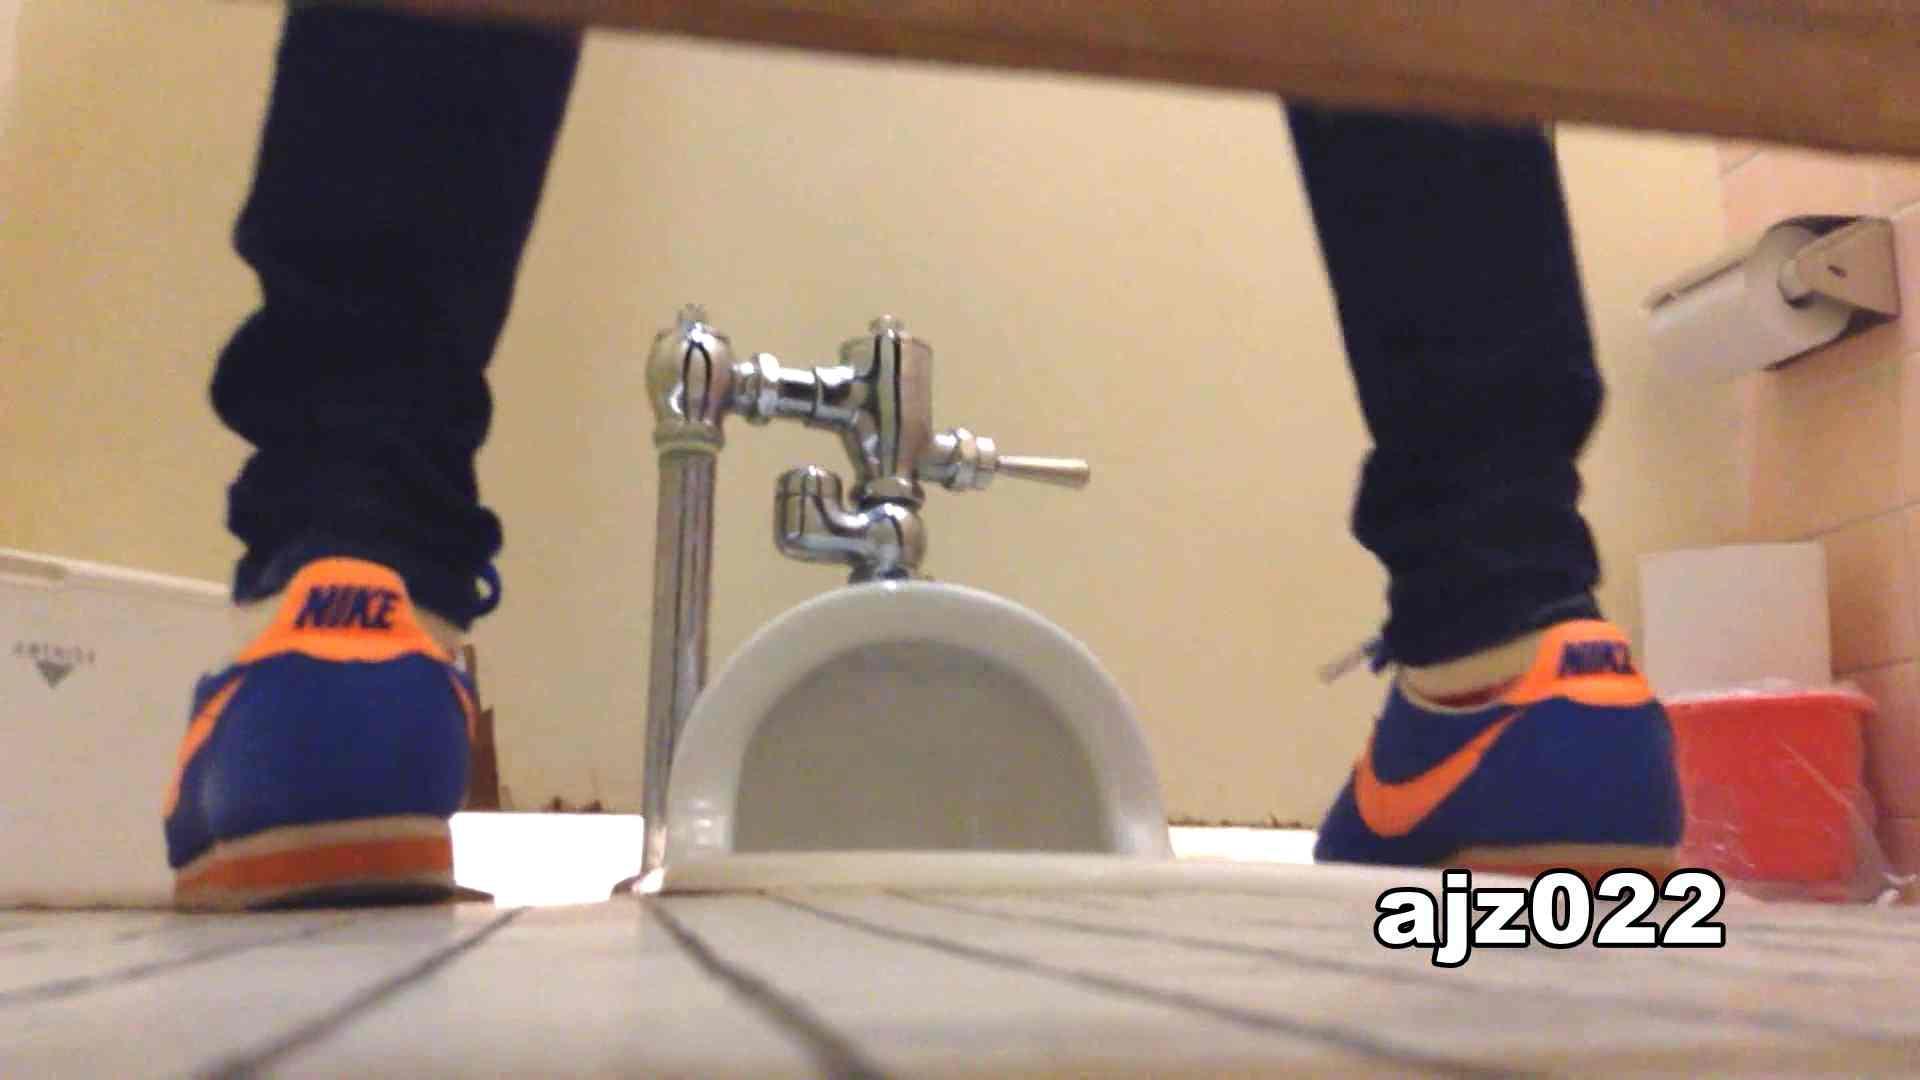 某有名大学女性洗面所 vol.22 和式トイレ ワレメ無修正動画無料 107pic 91